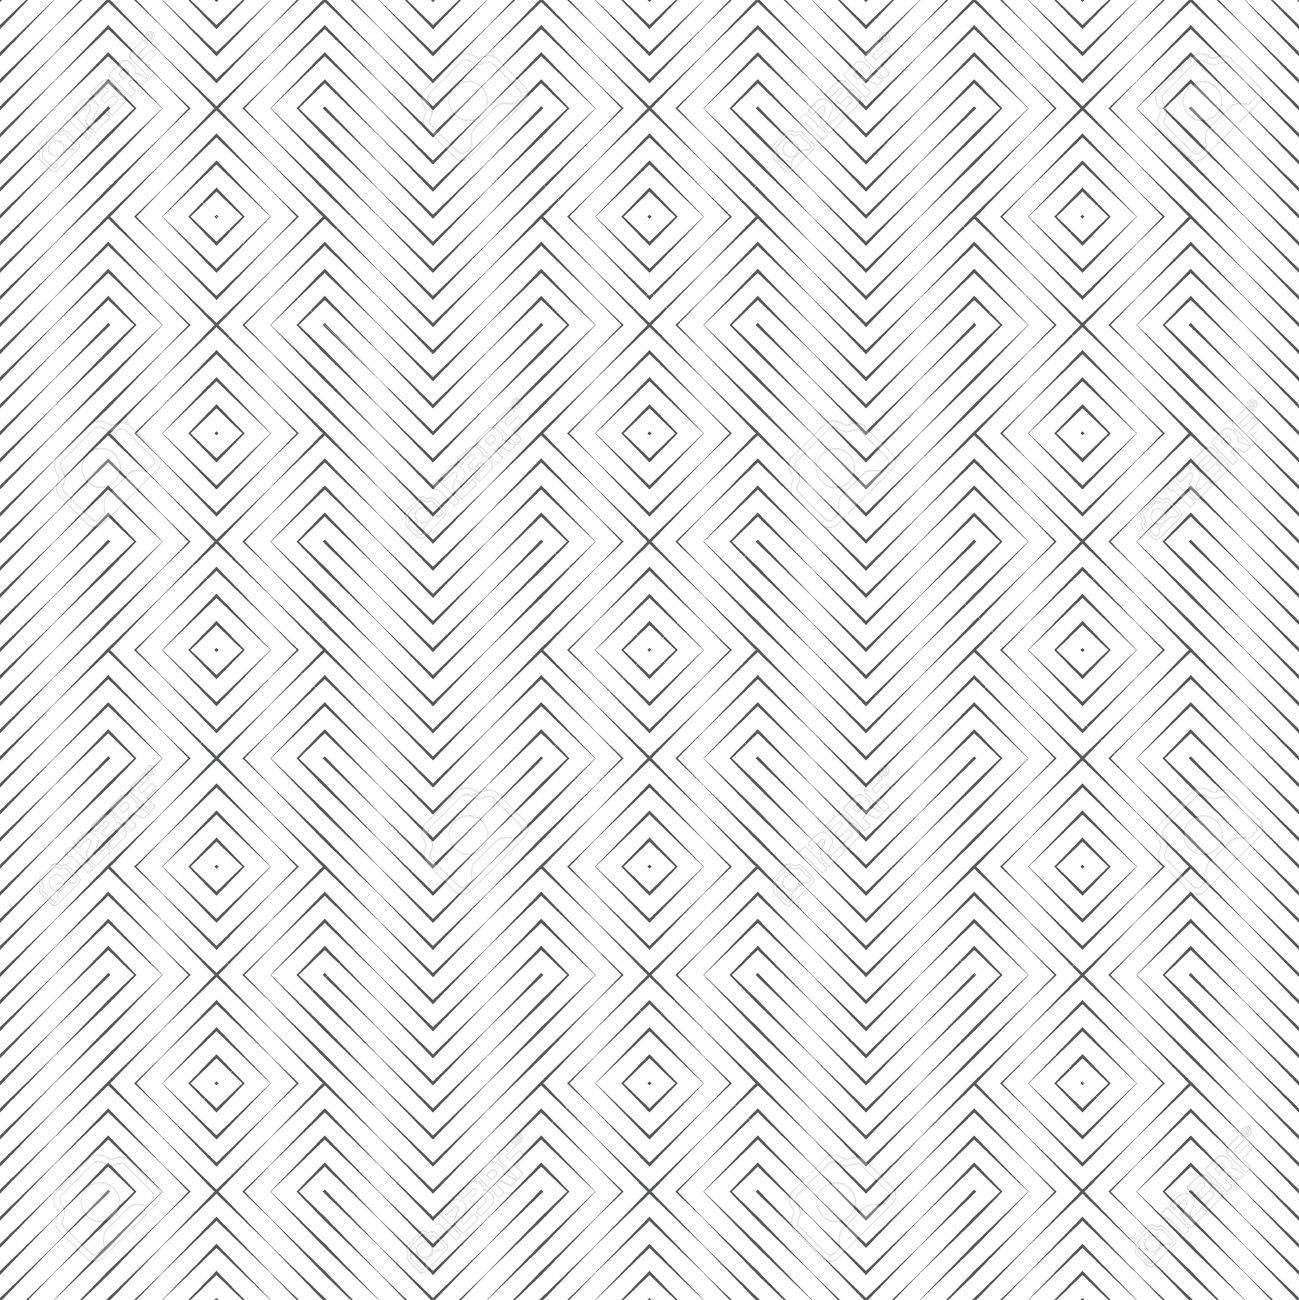 Modele Sans Couture De Vecteur Elegant Fond Geometrique Abstrait